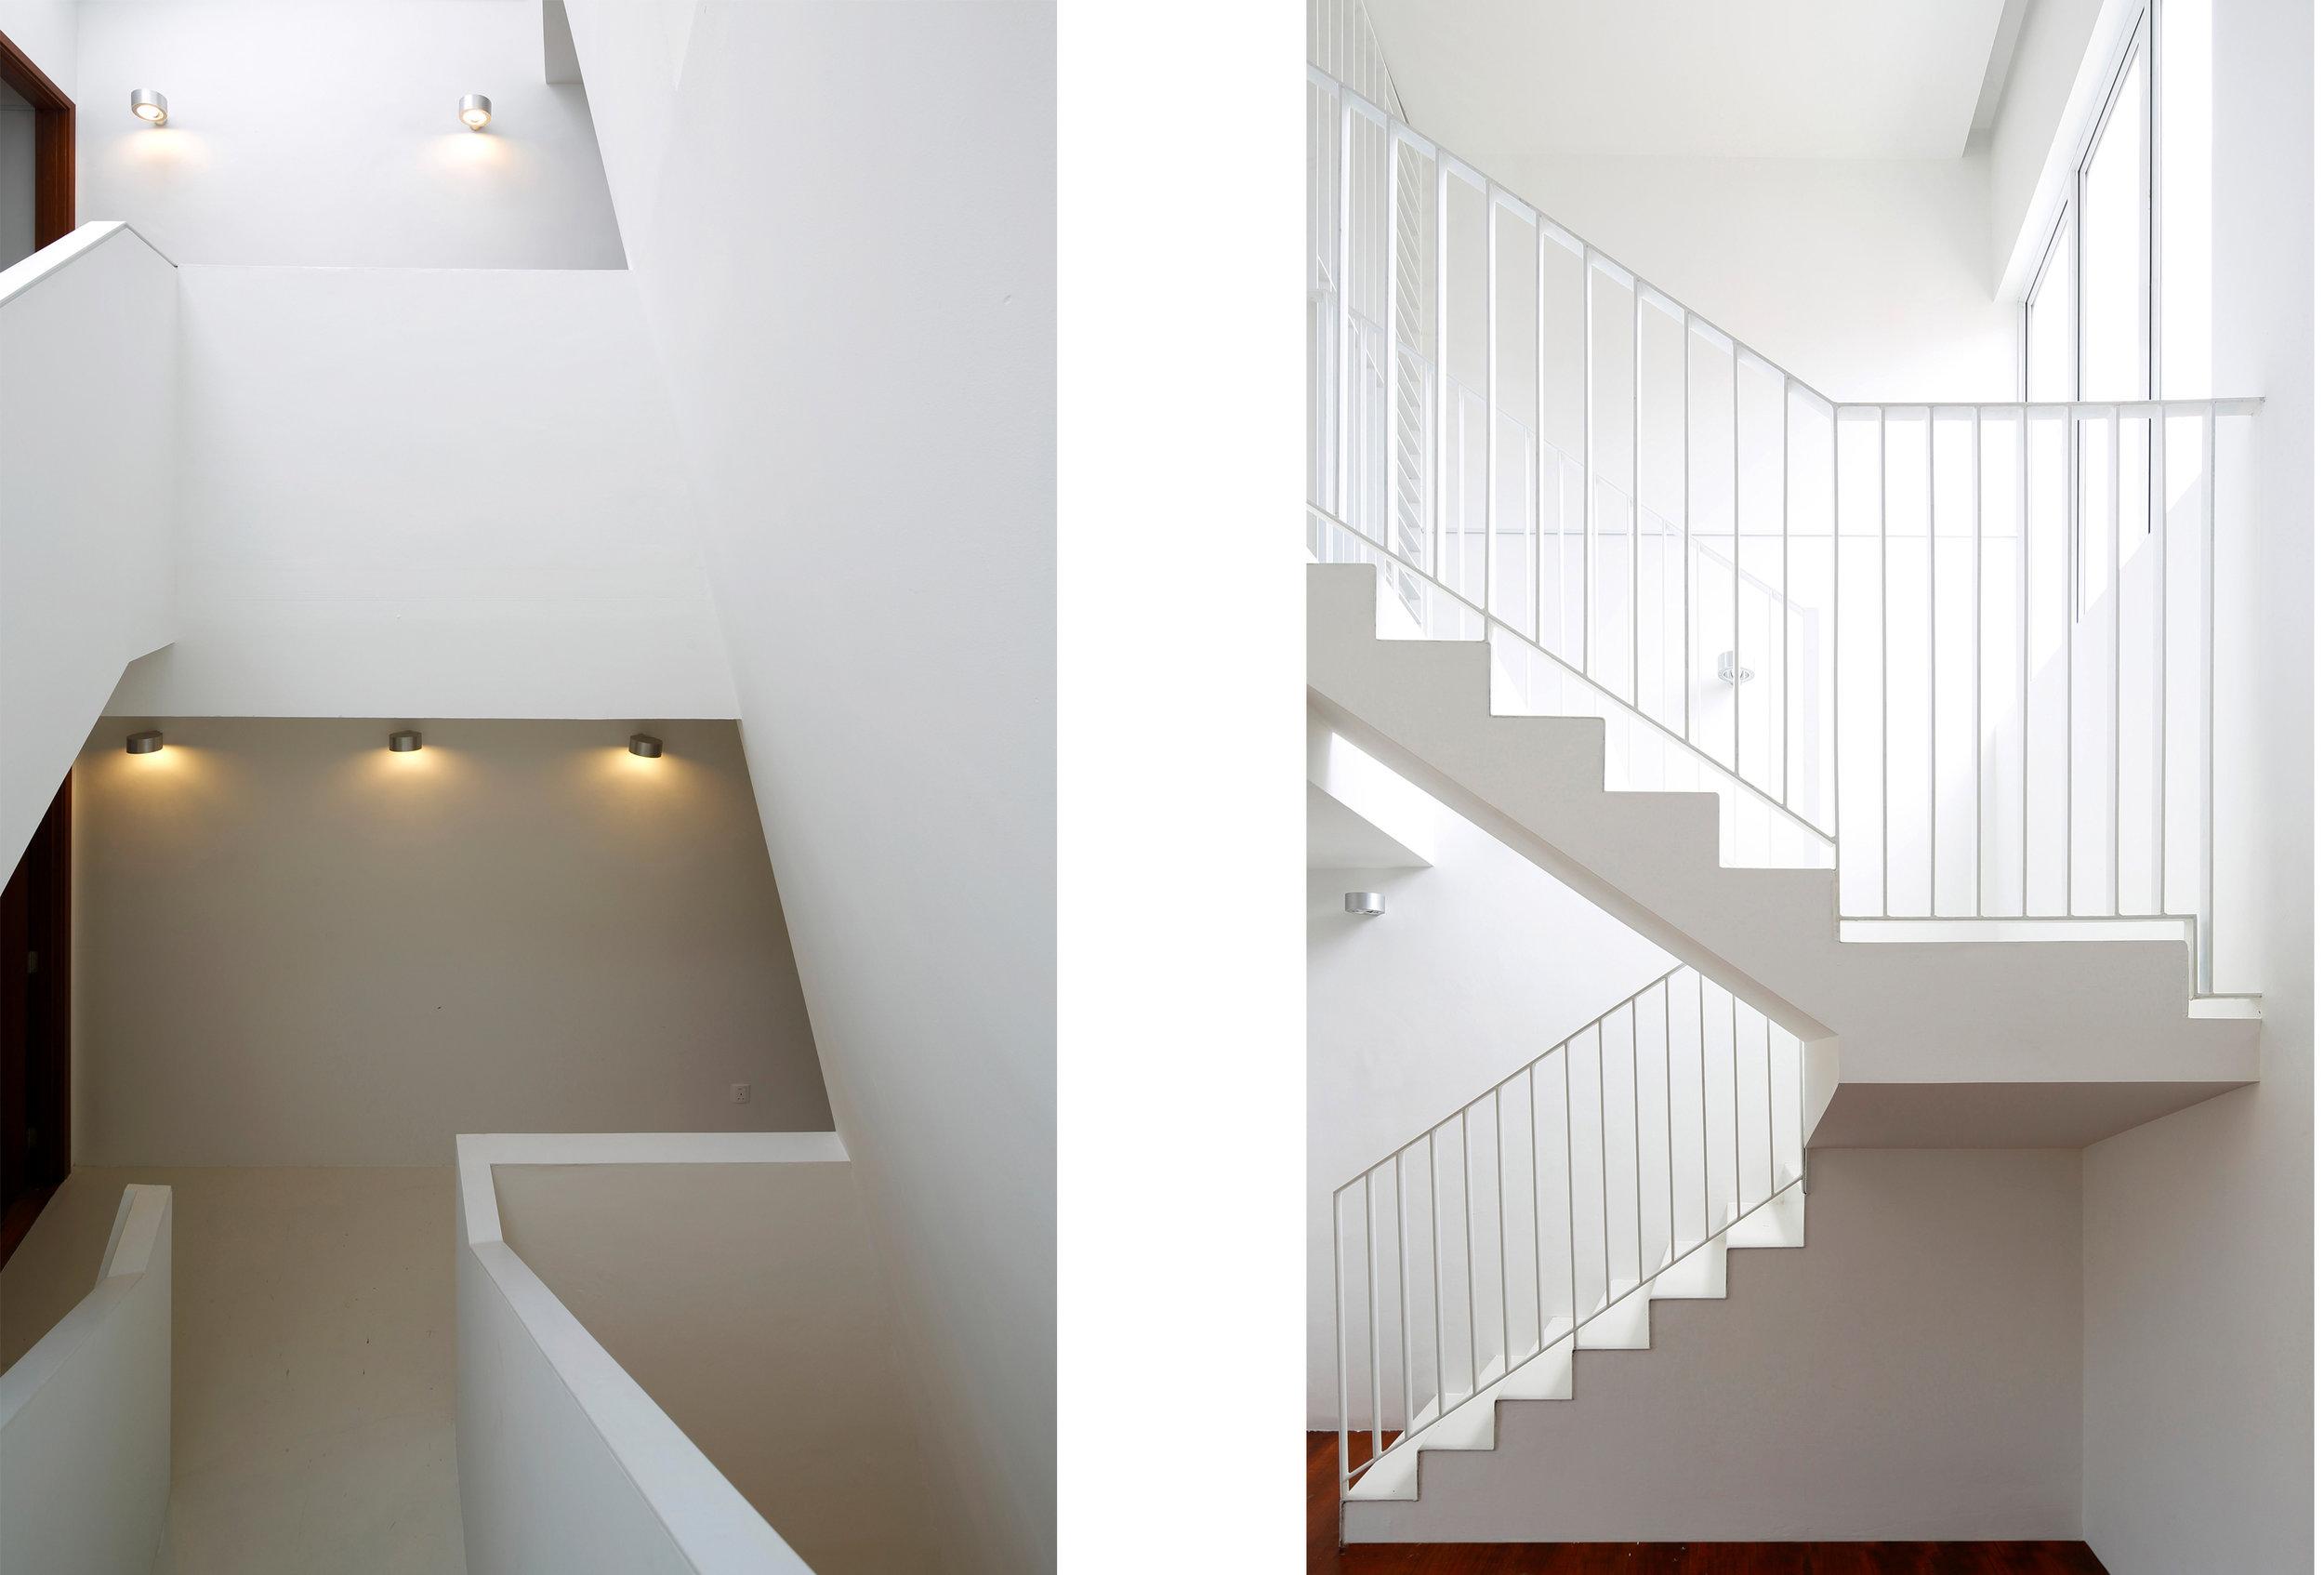 stair addl_doublejpg.jpg